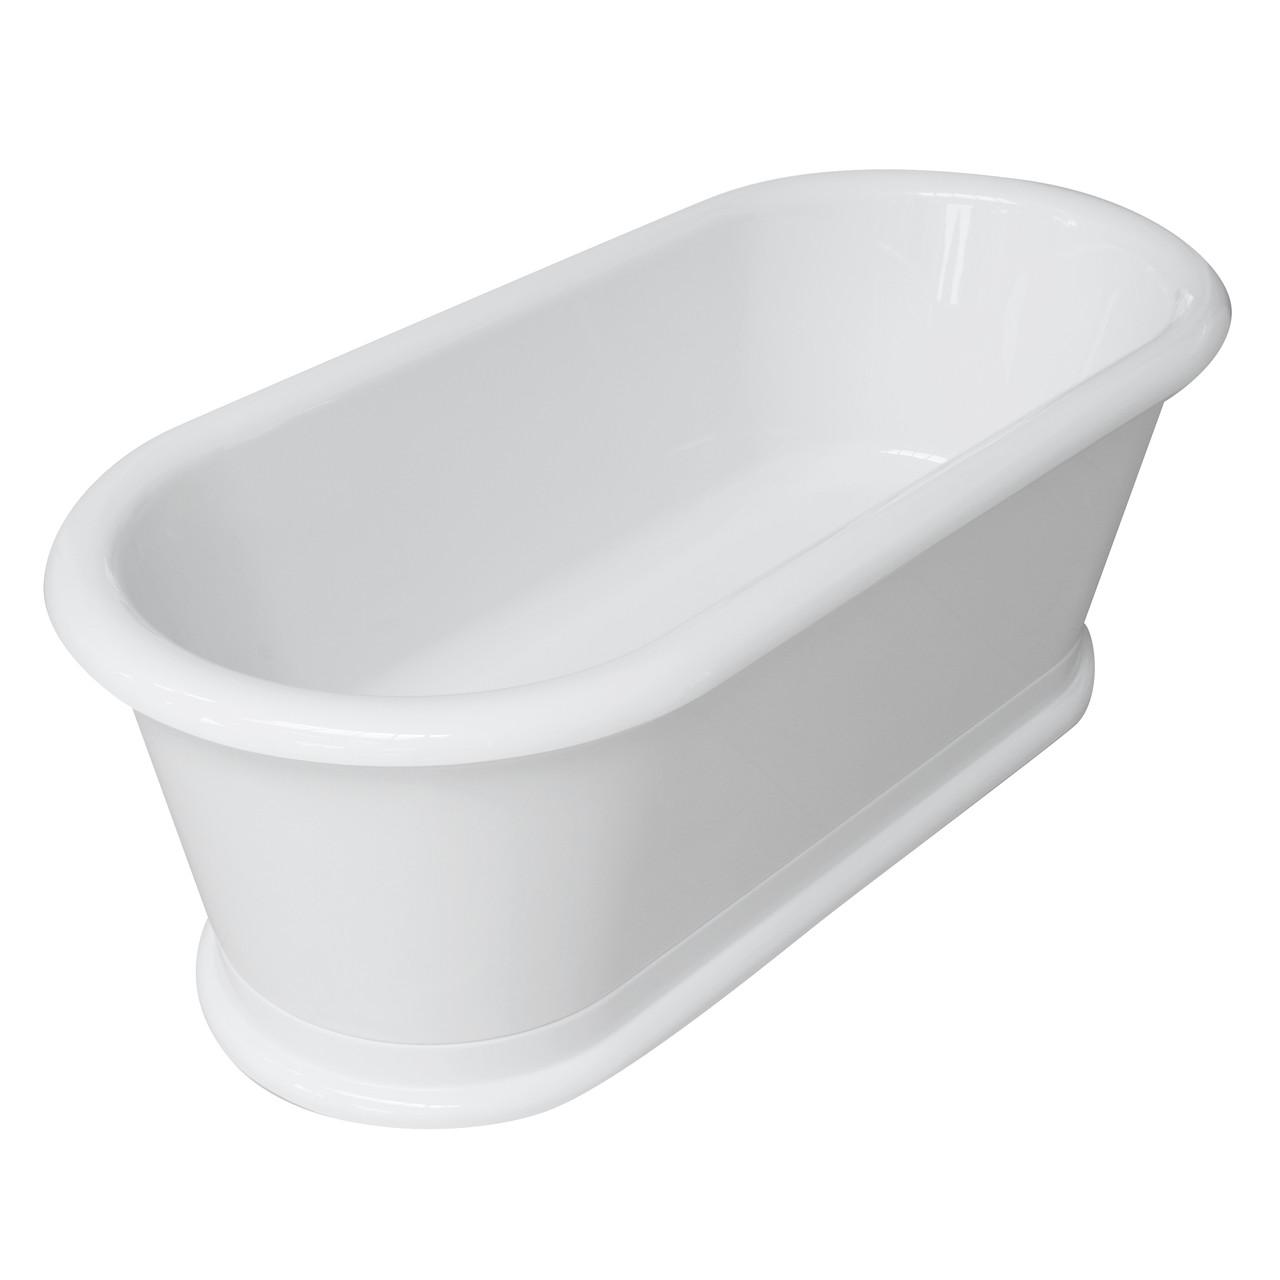 Ванна акрилова окремостояча Volle 180х85х63,5 з сифоном 🇪🇸